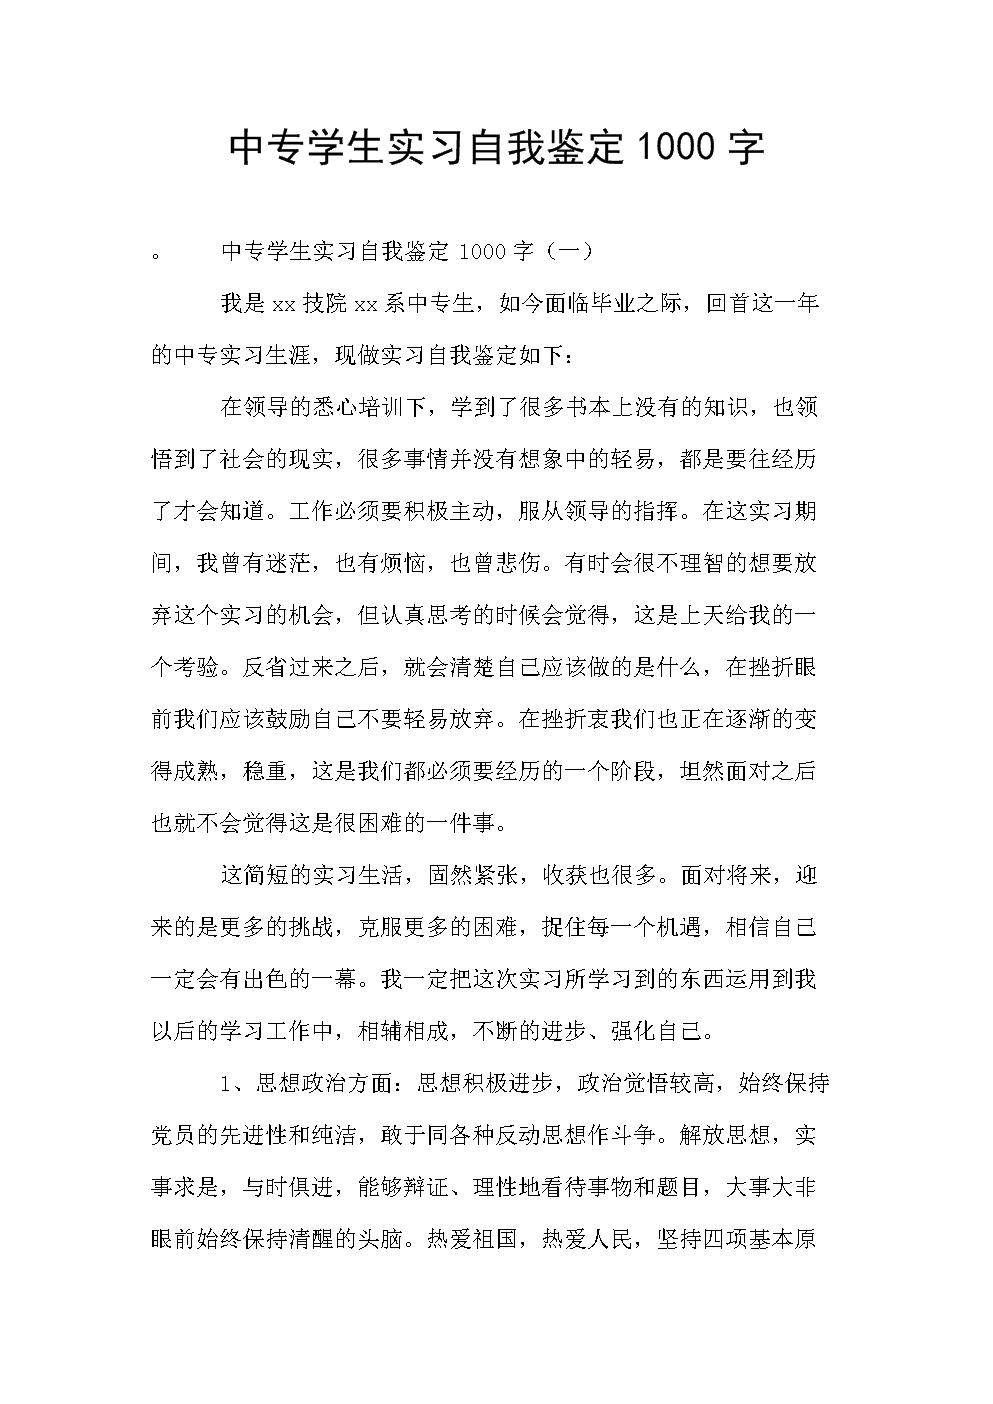 中专学生实习自我鉴定1000字.doc